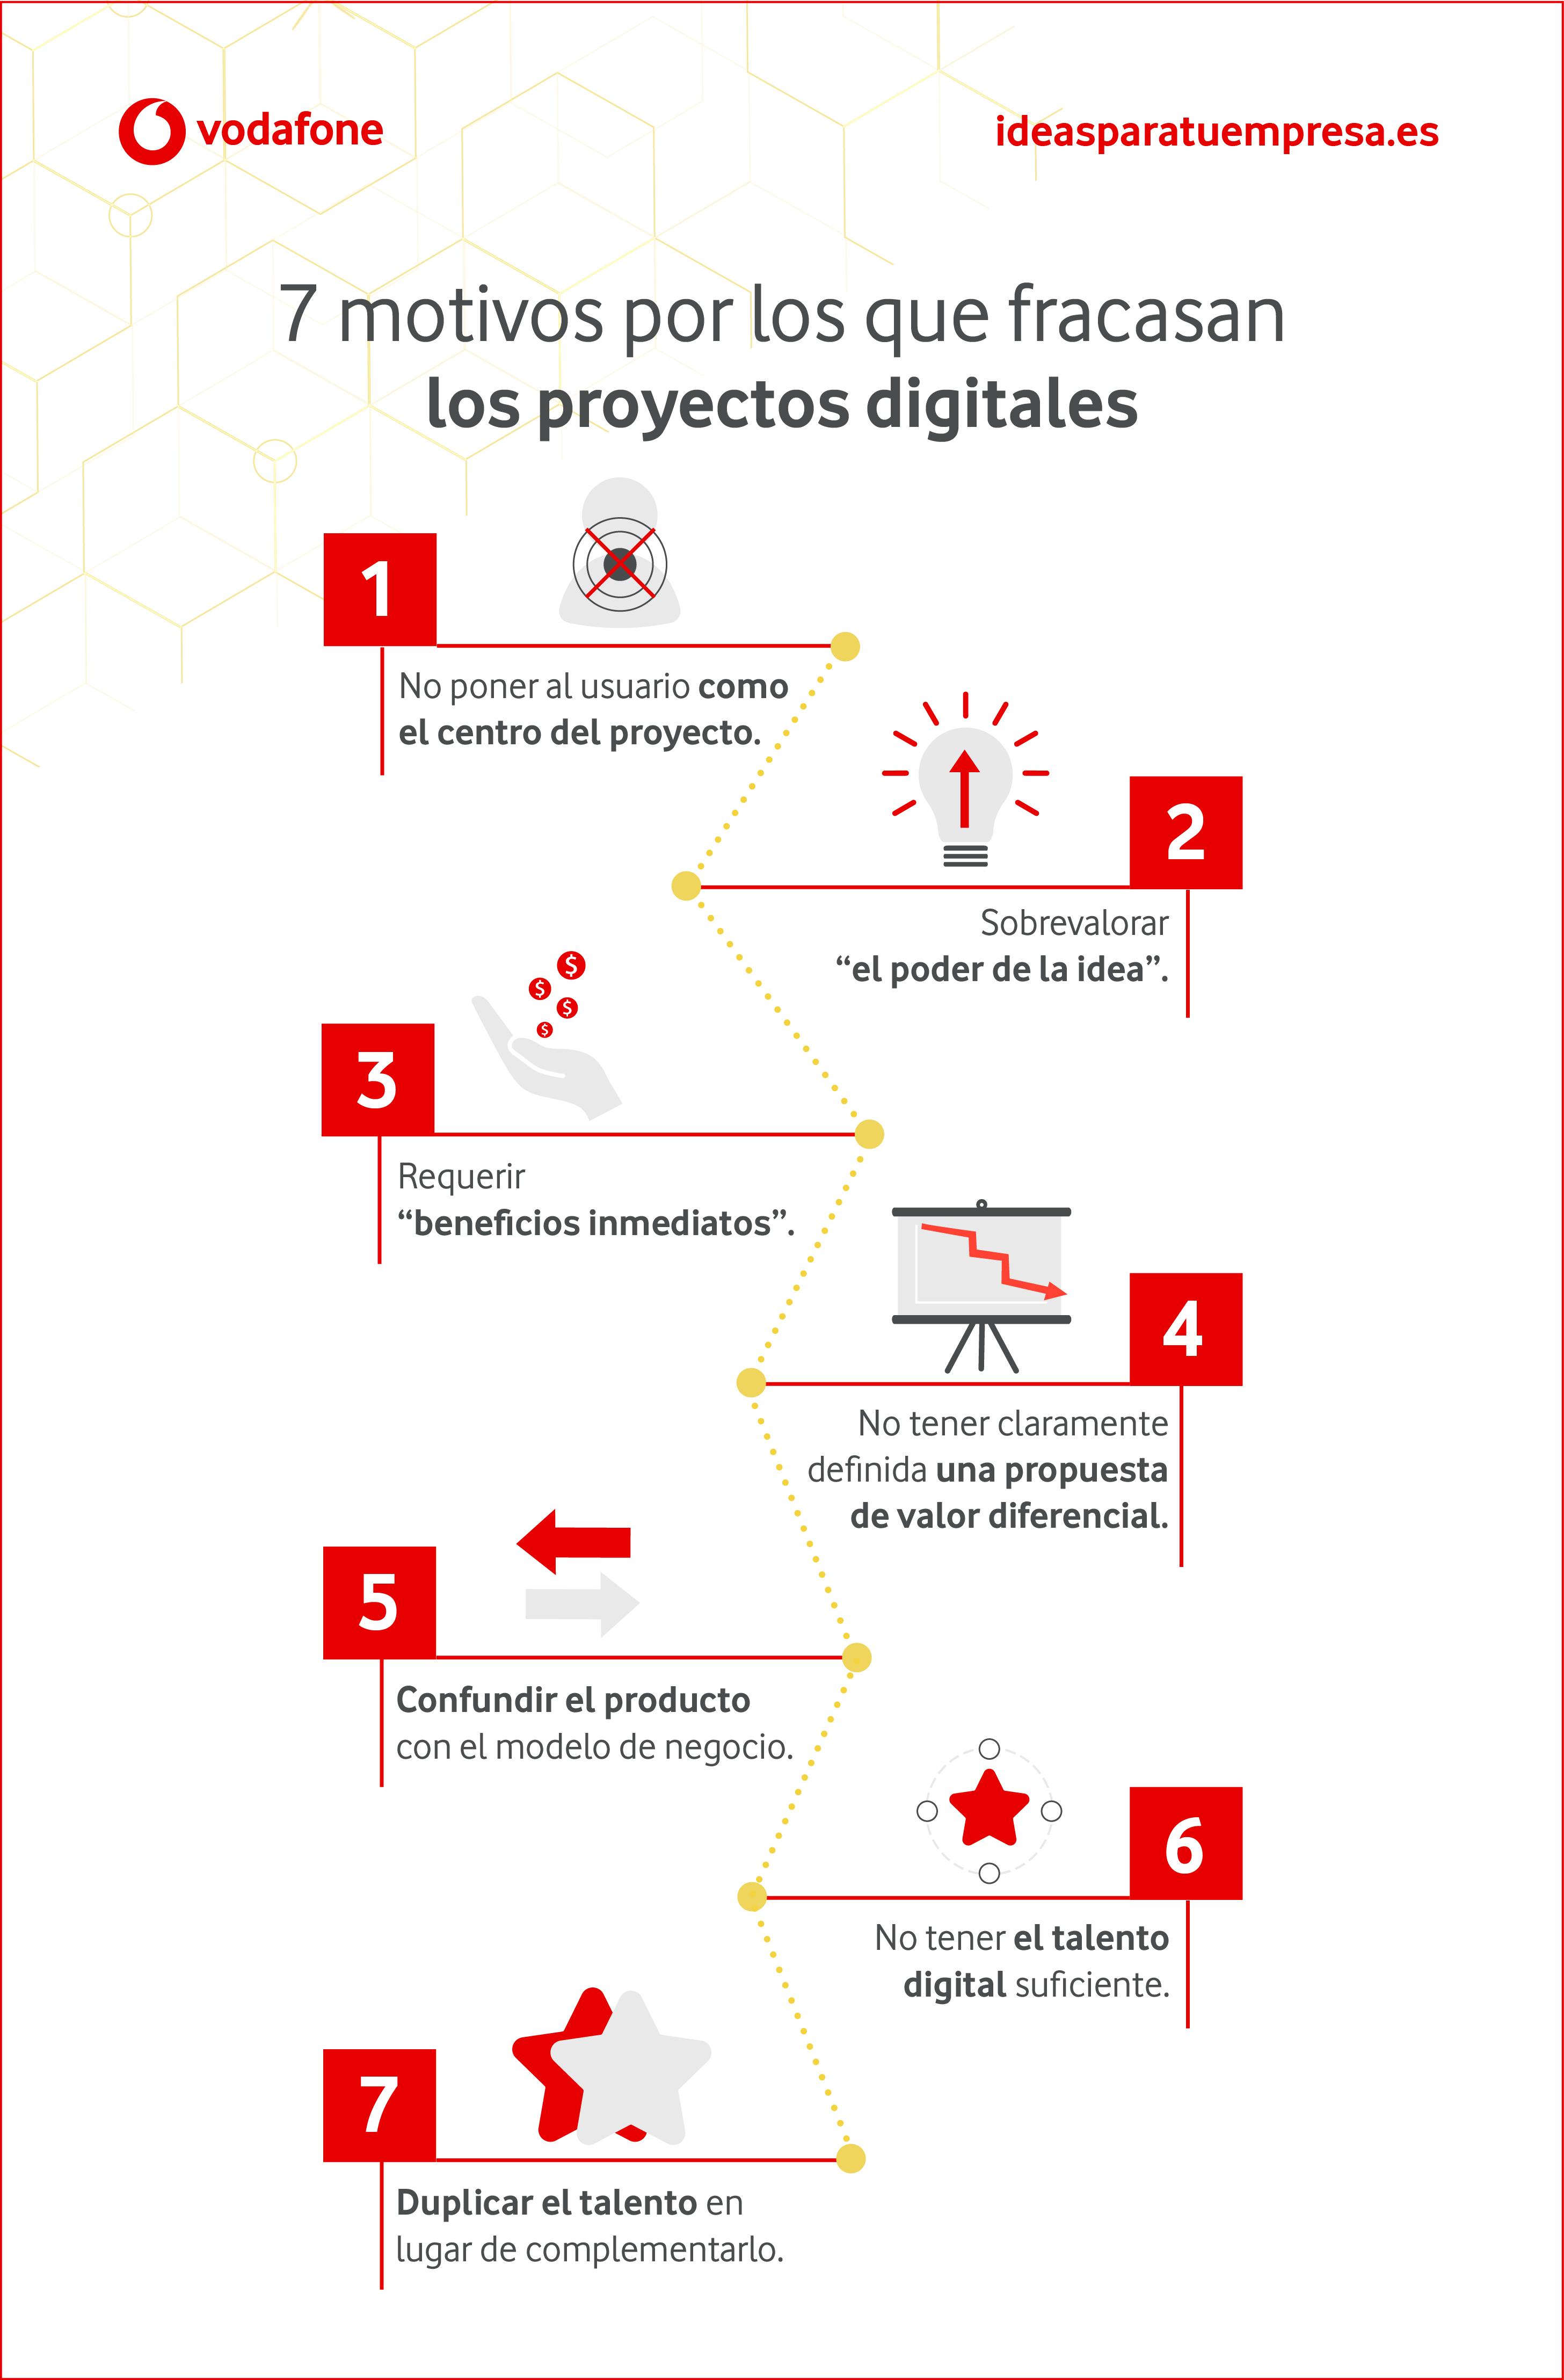 7 motivos por los que fracasan los proyectos digitales